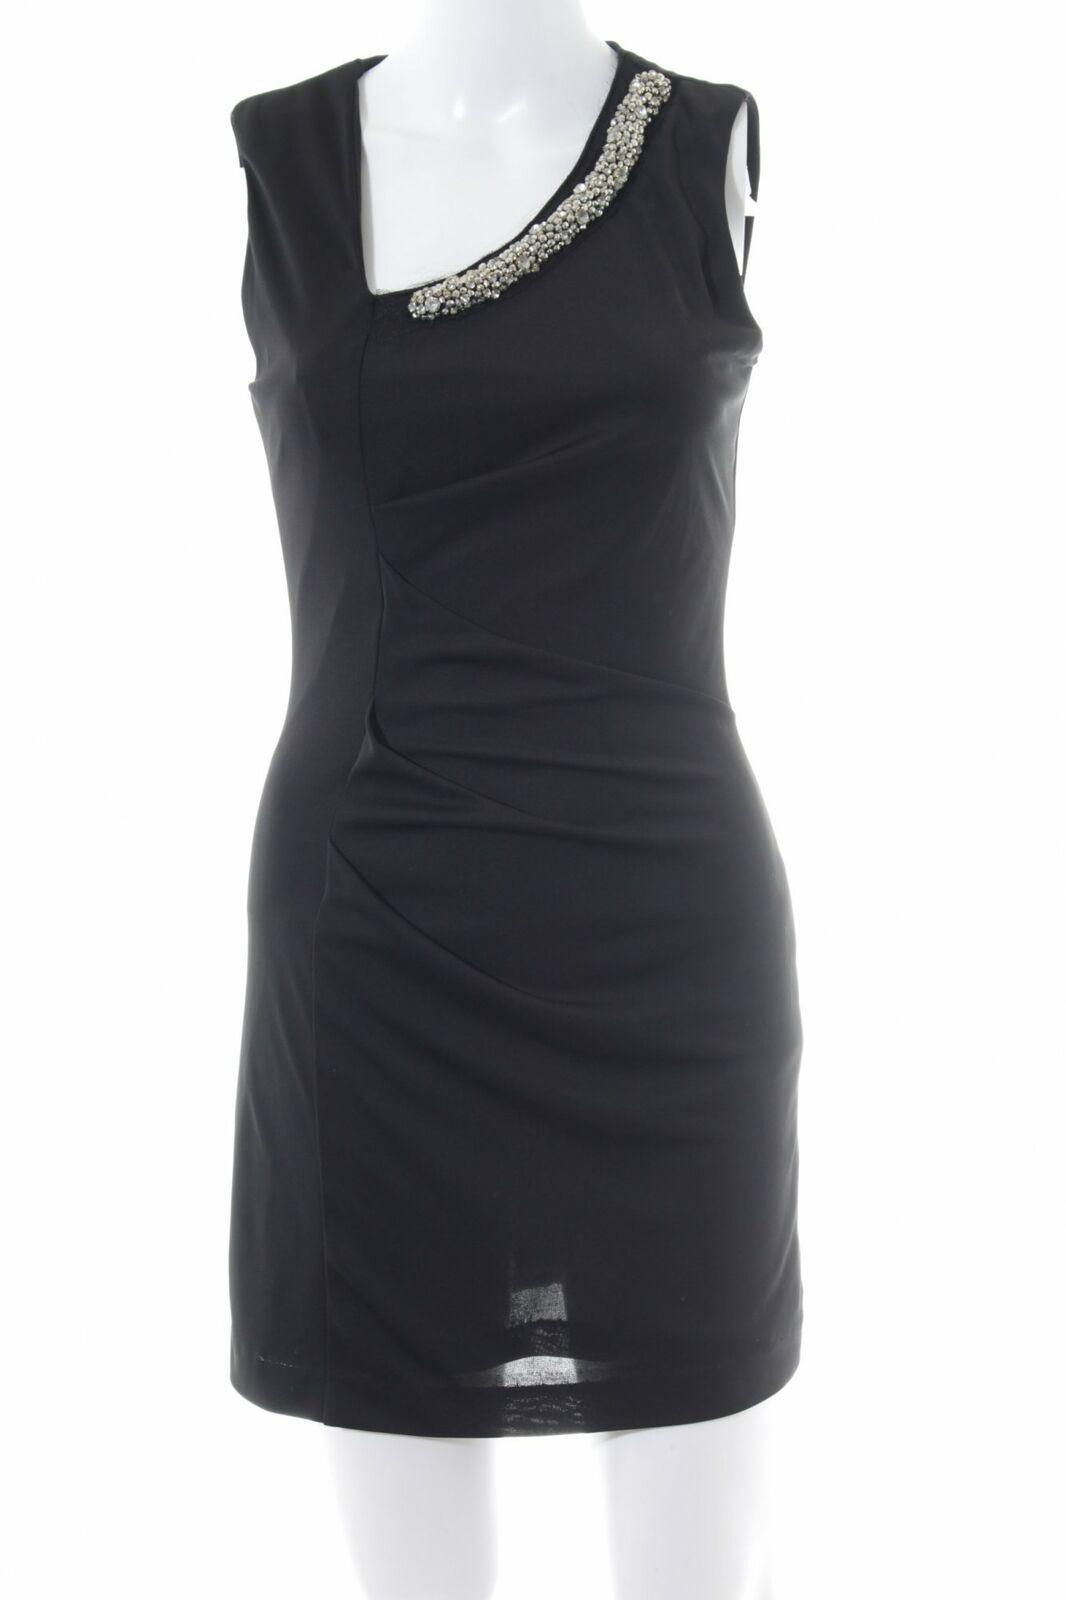 20 Einzigartig Damen Kleid Schwarz Elegant GalerieAbend Luxus Damen Kleid Schwarz Elegant Bester Preis